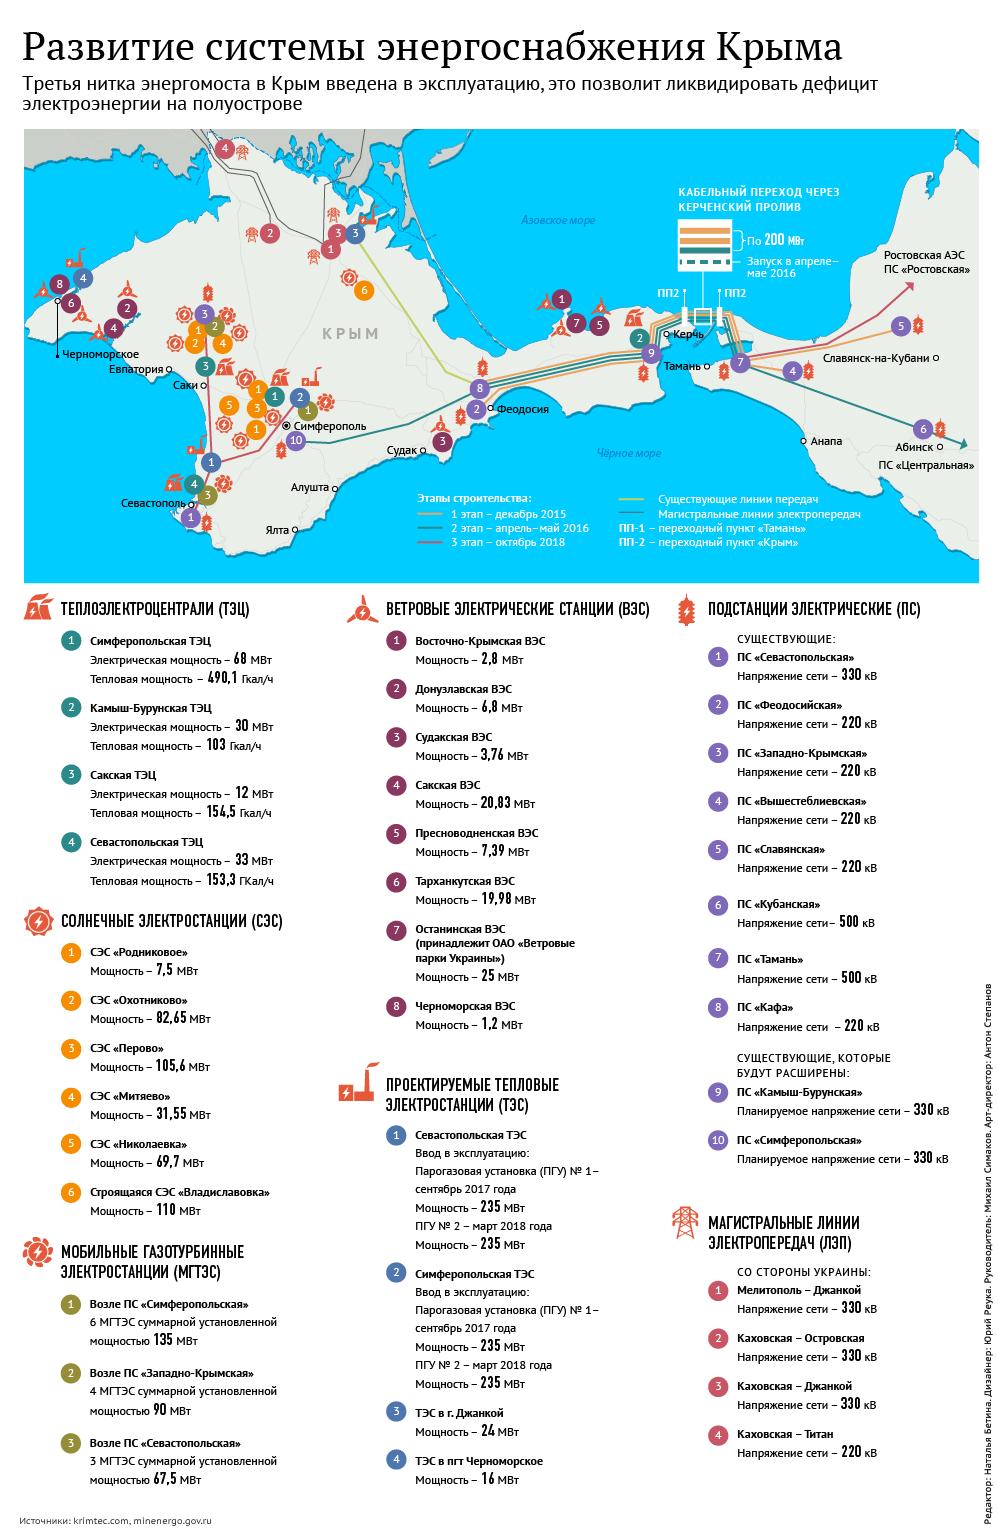 Развитие системы электроснабжения Крыма